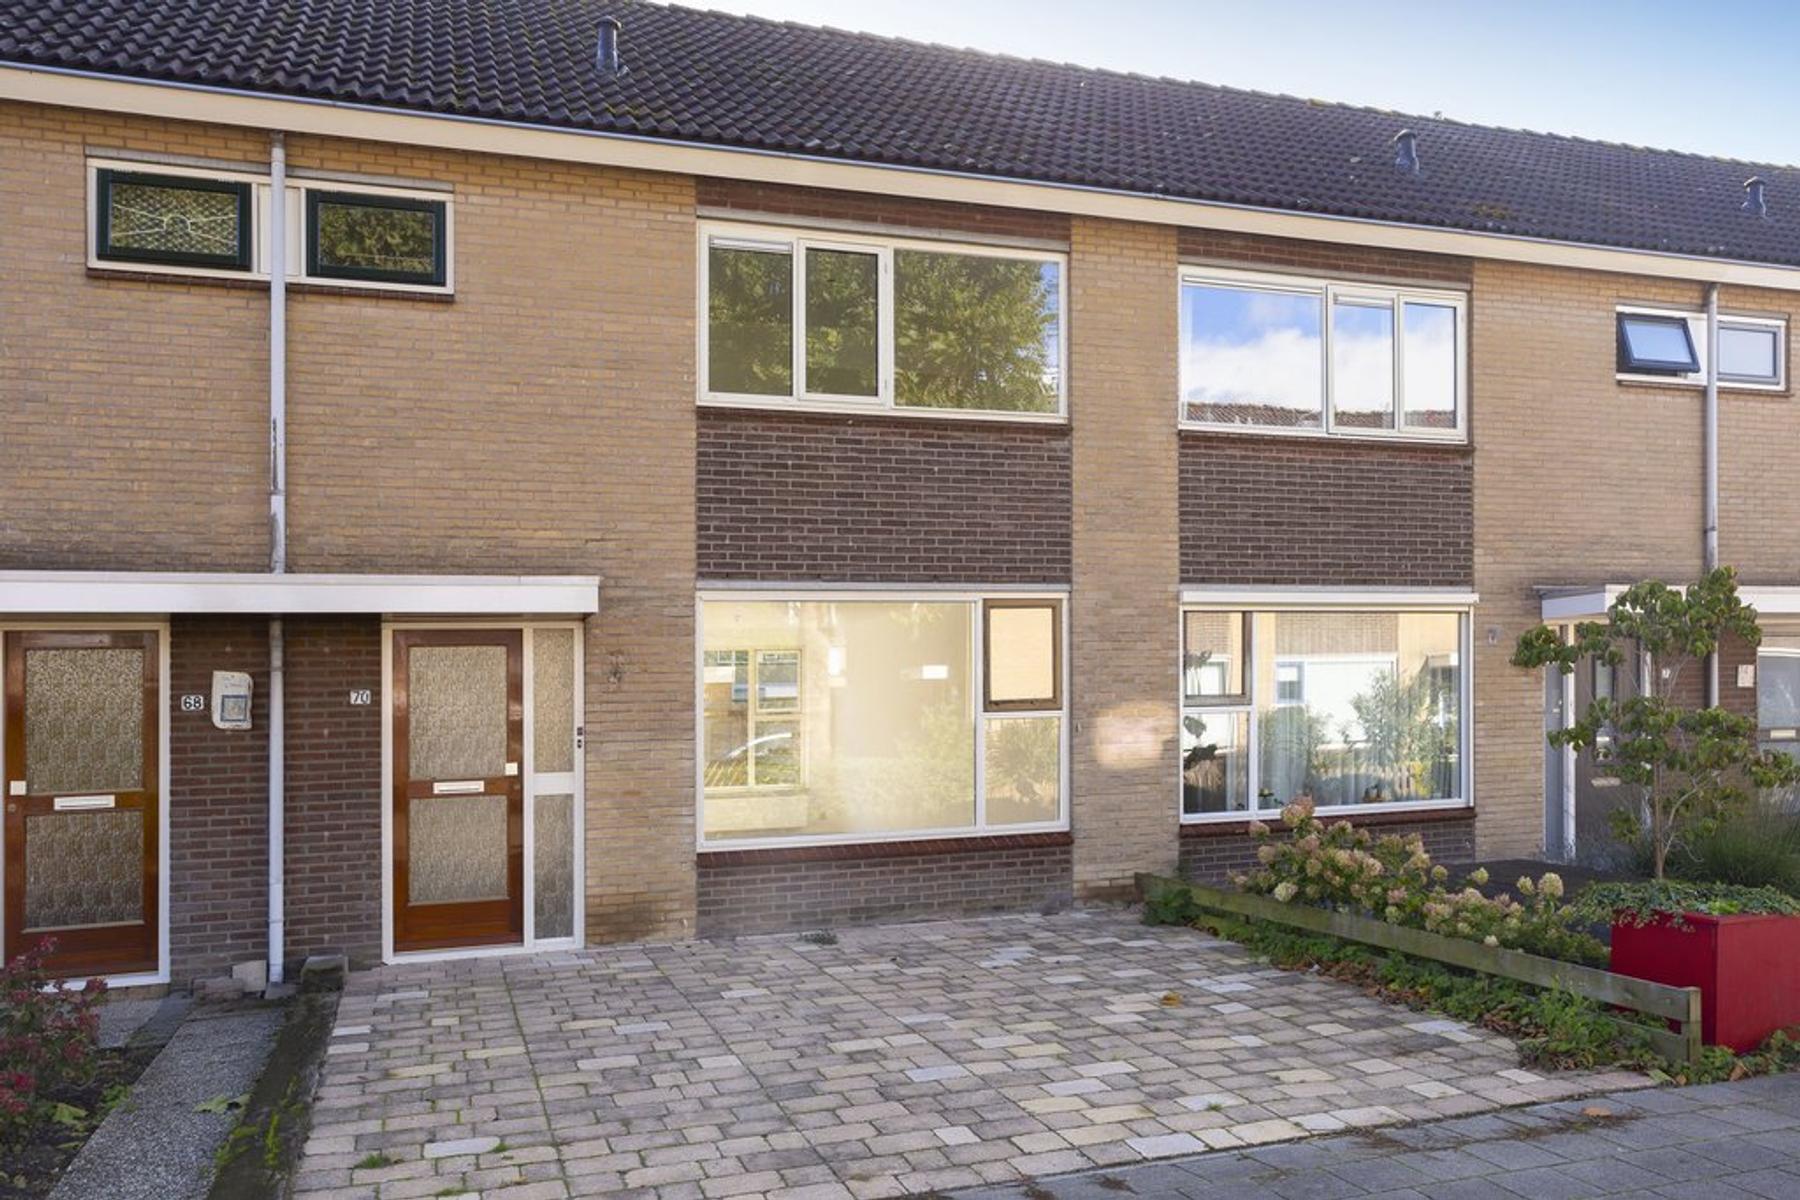 Tormentil 70 in Kampen 8265 DP